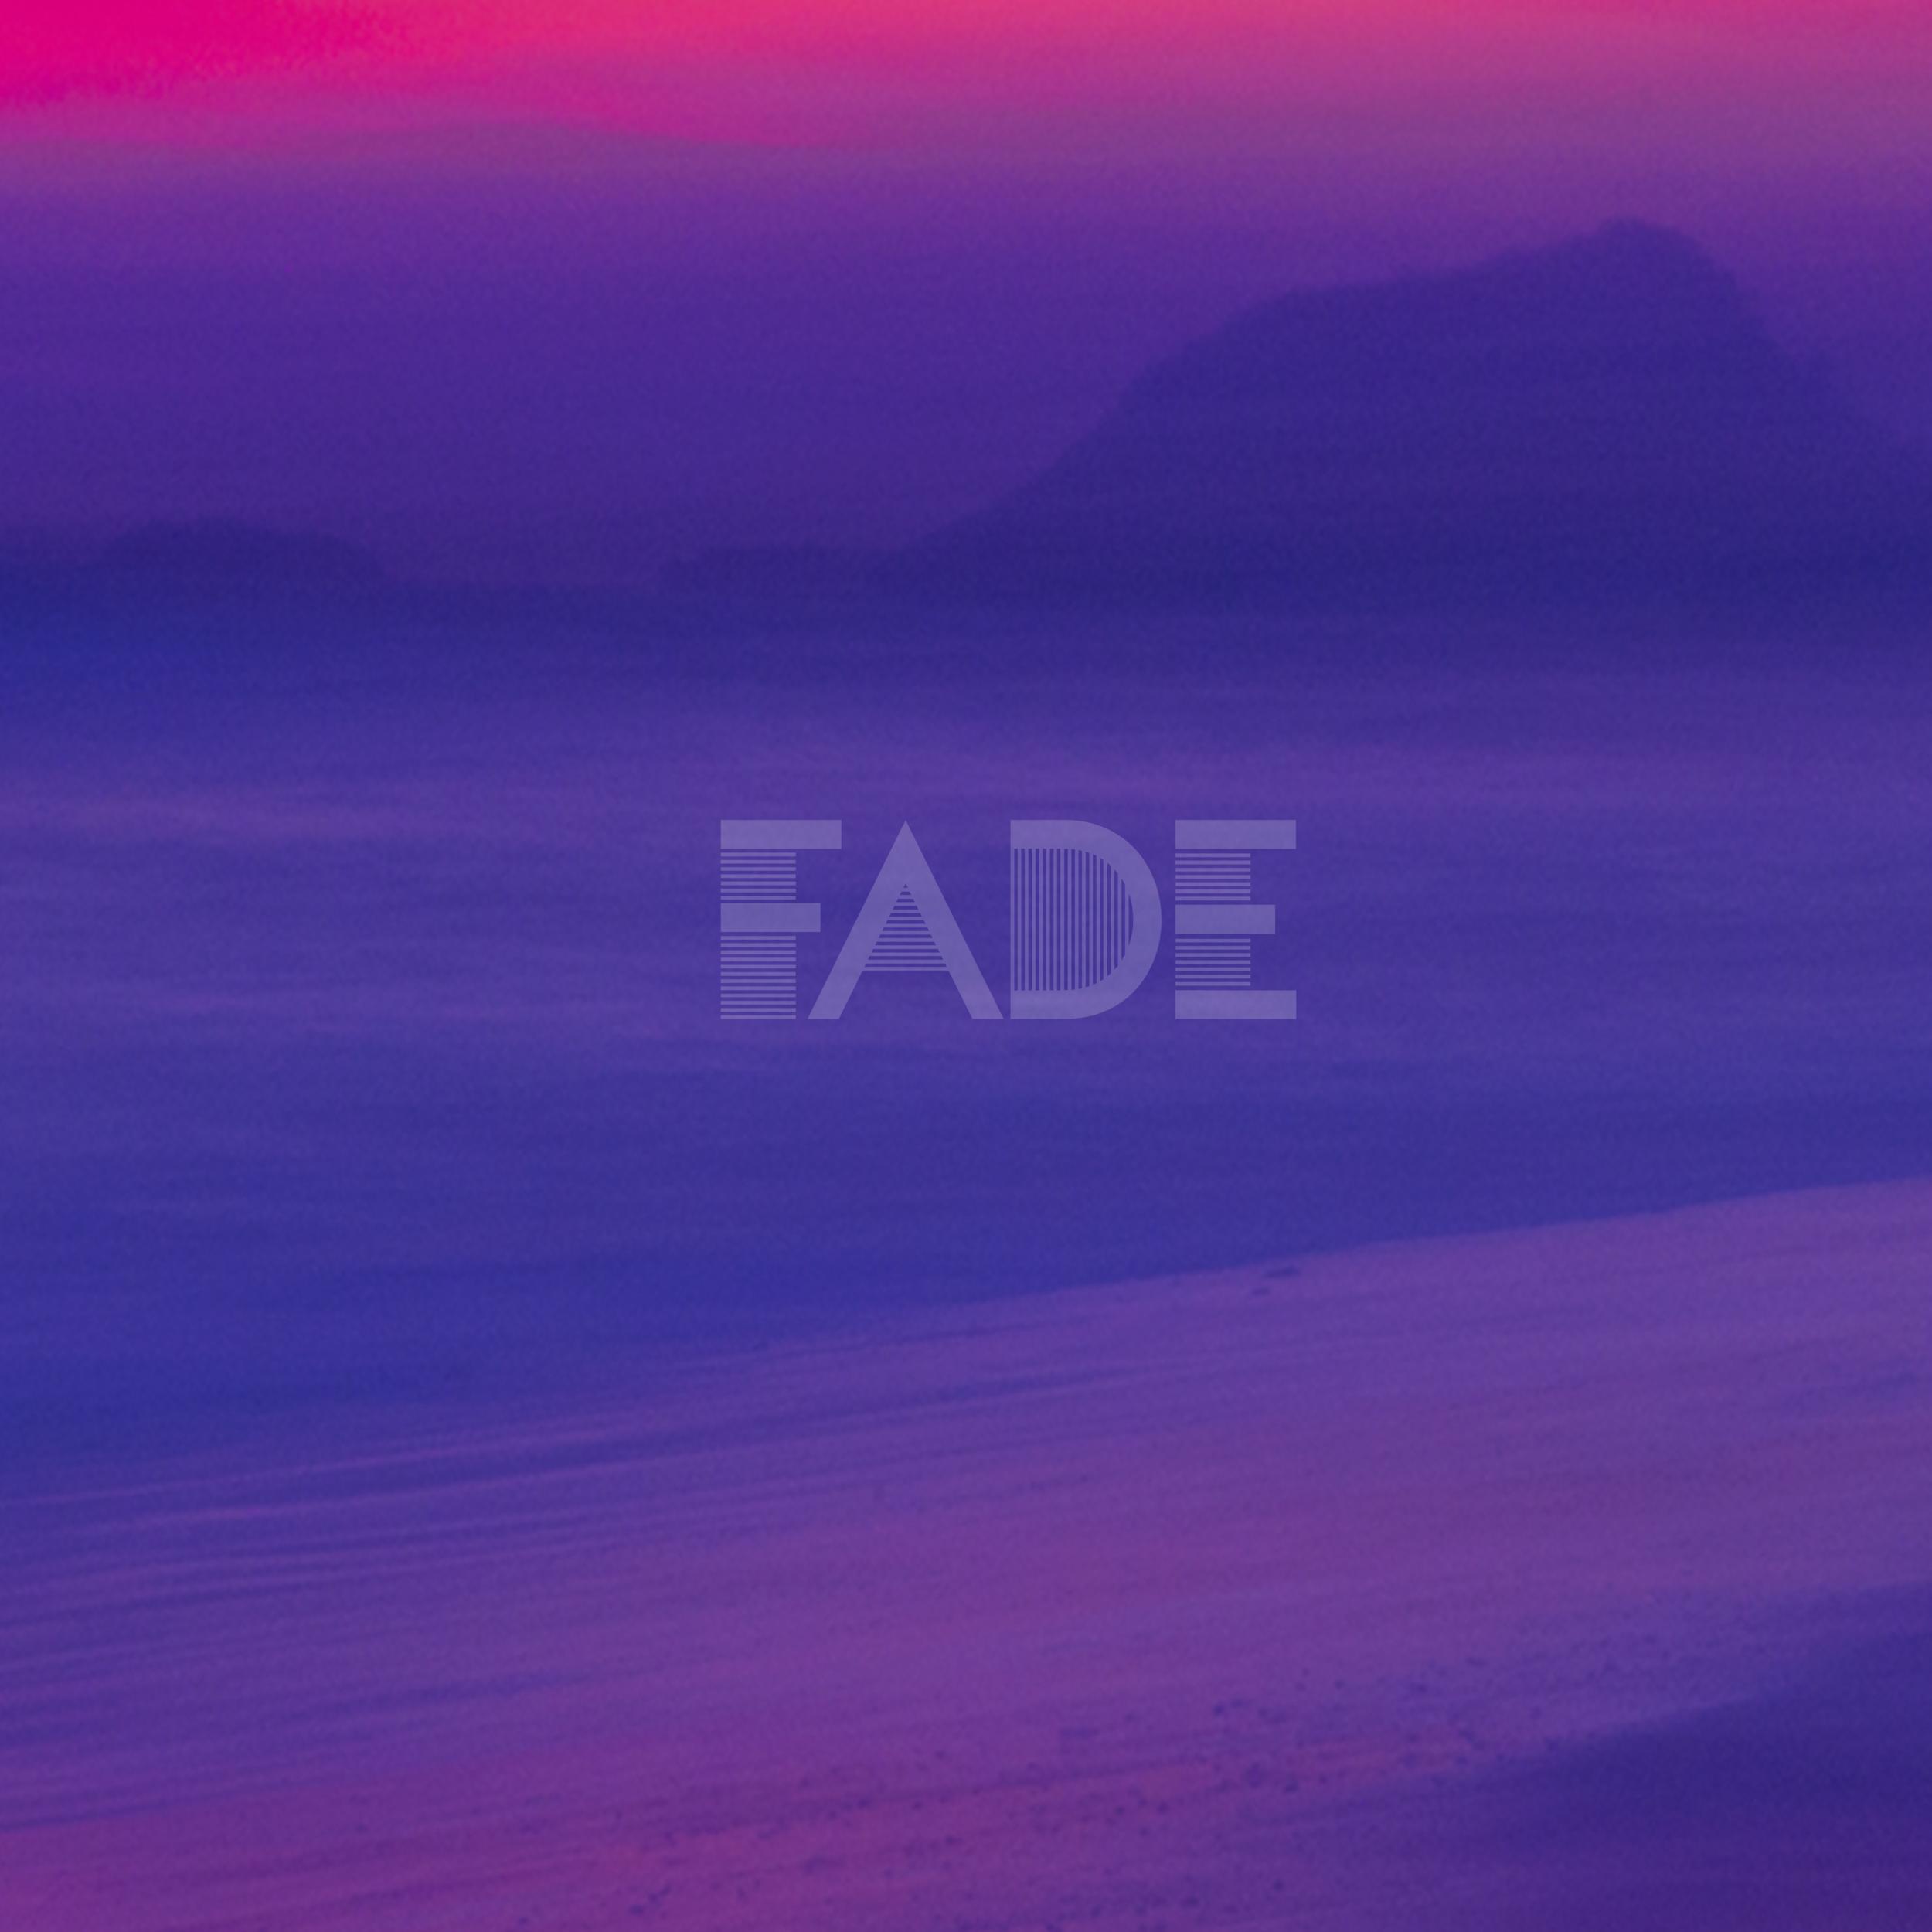 Fade EP